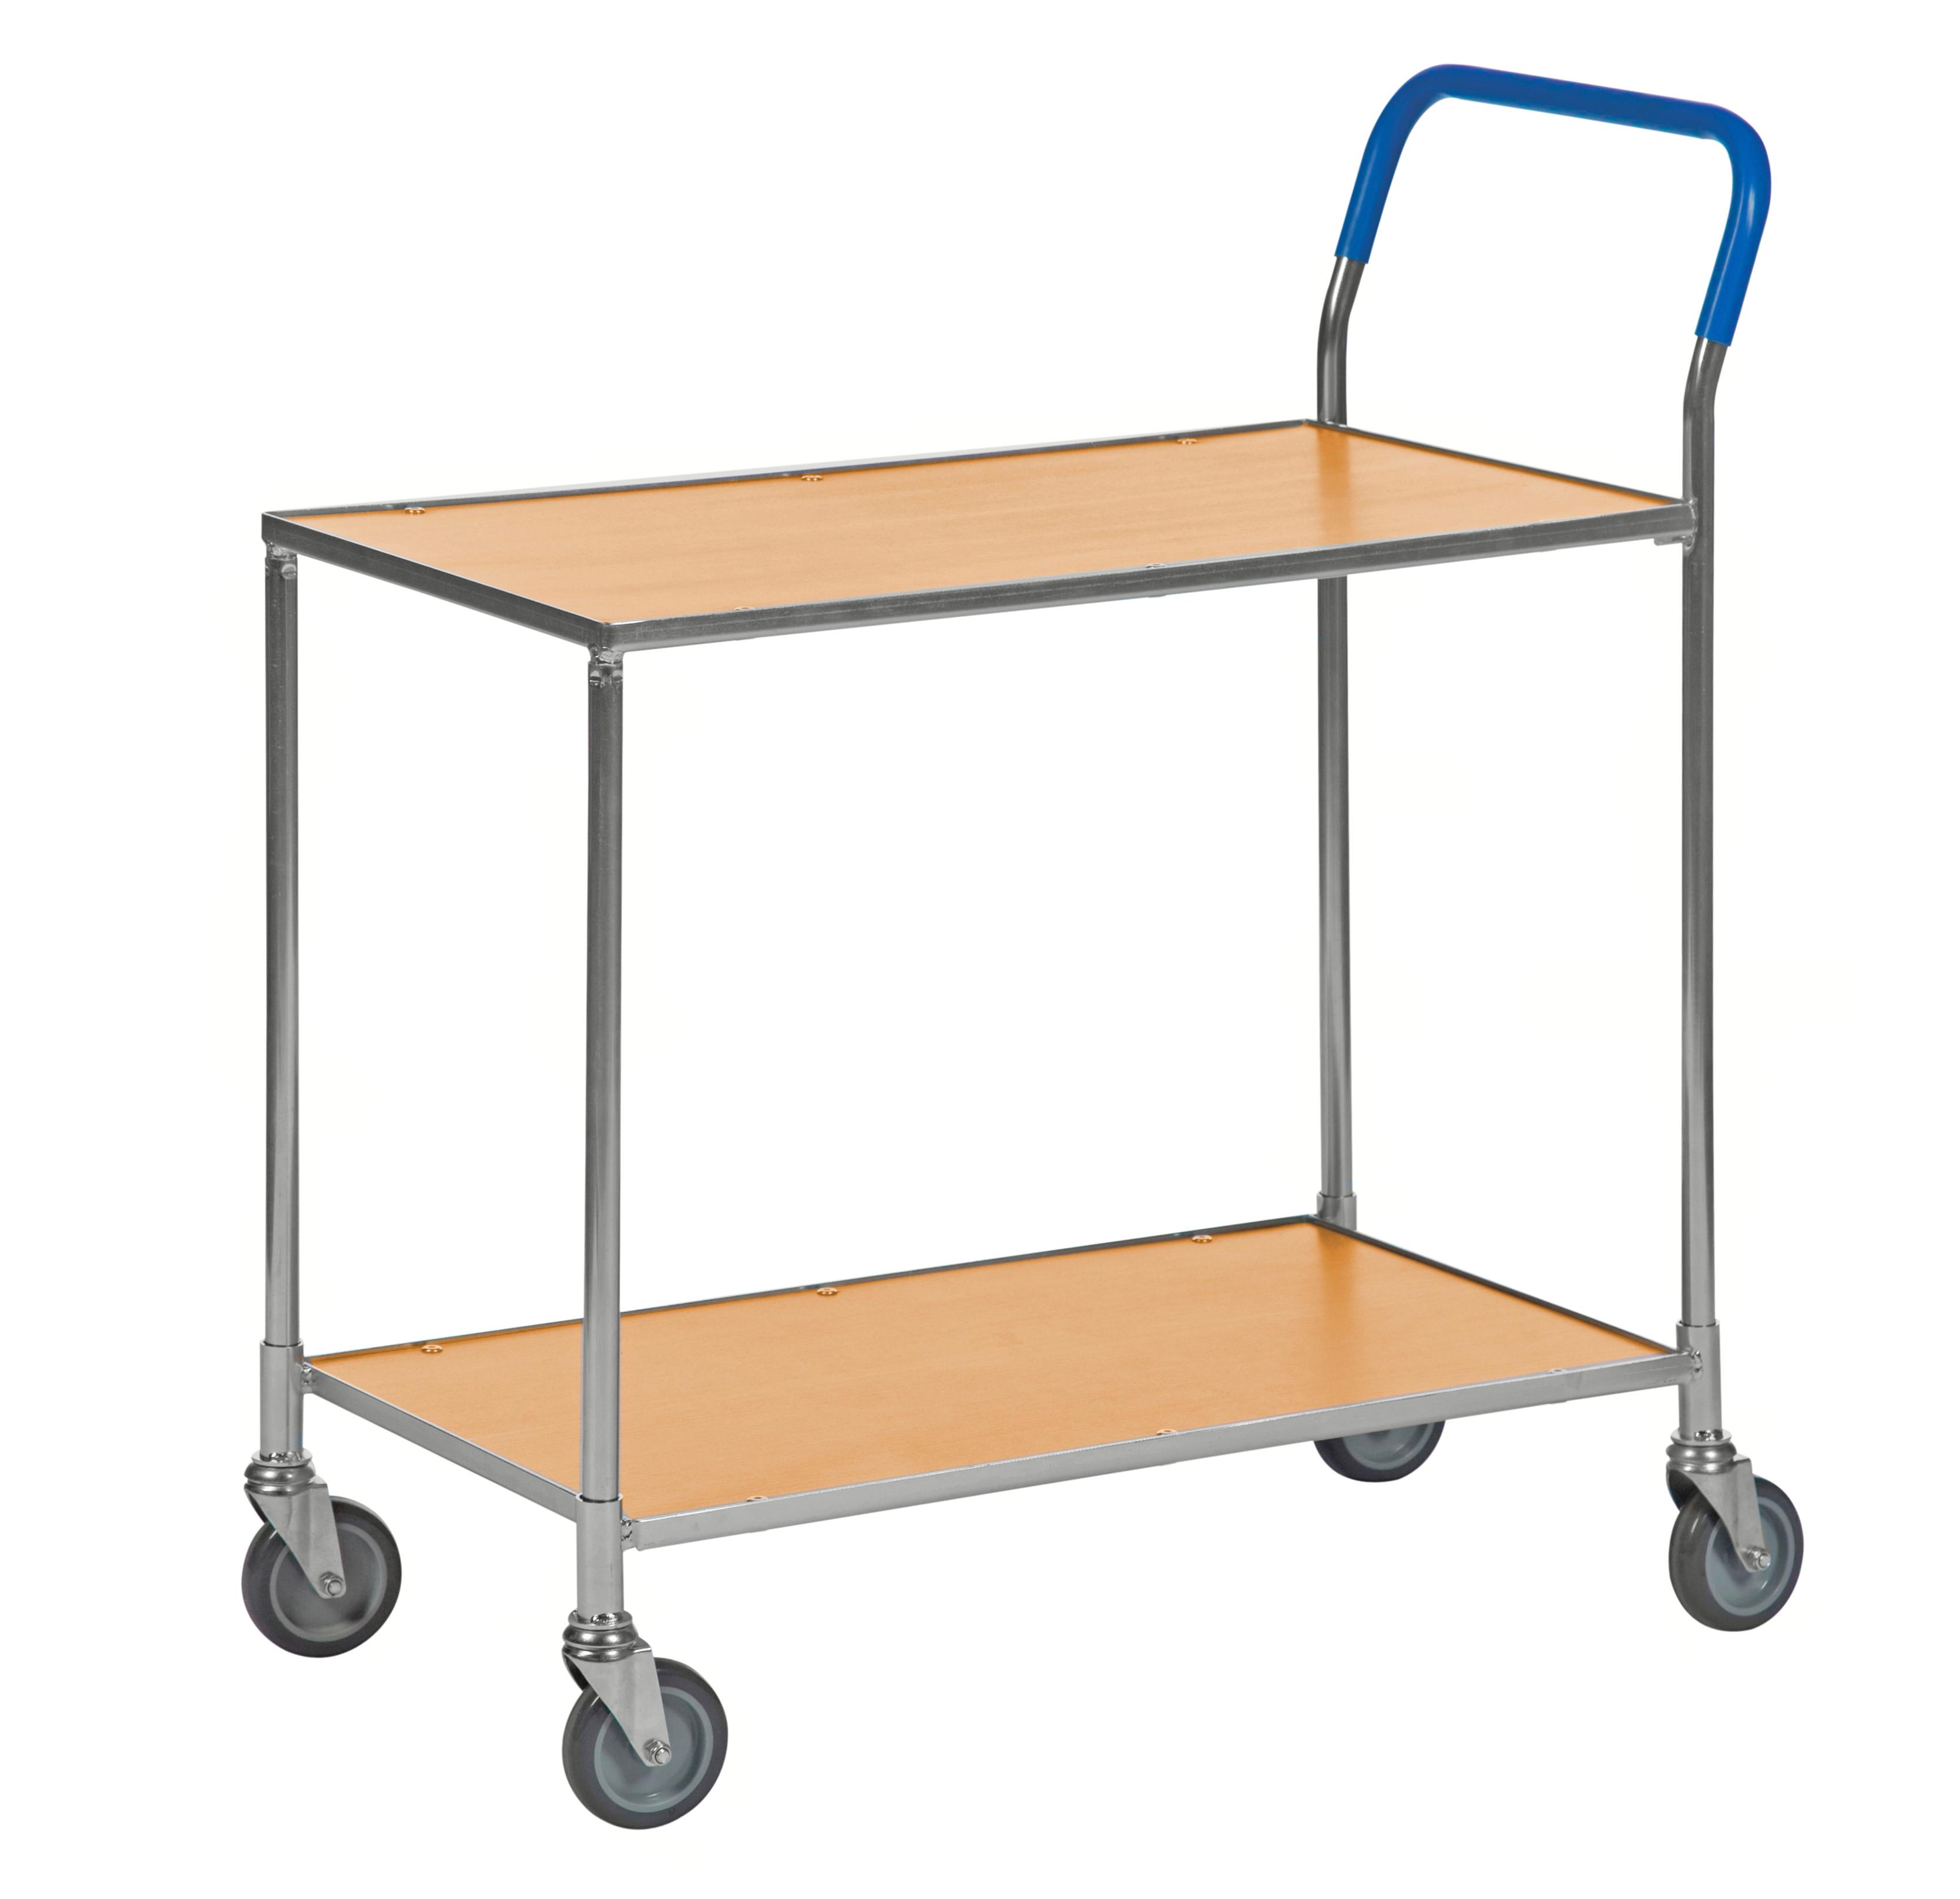 Table trolley KM1720-BO